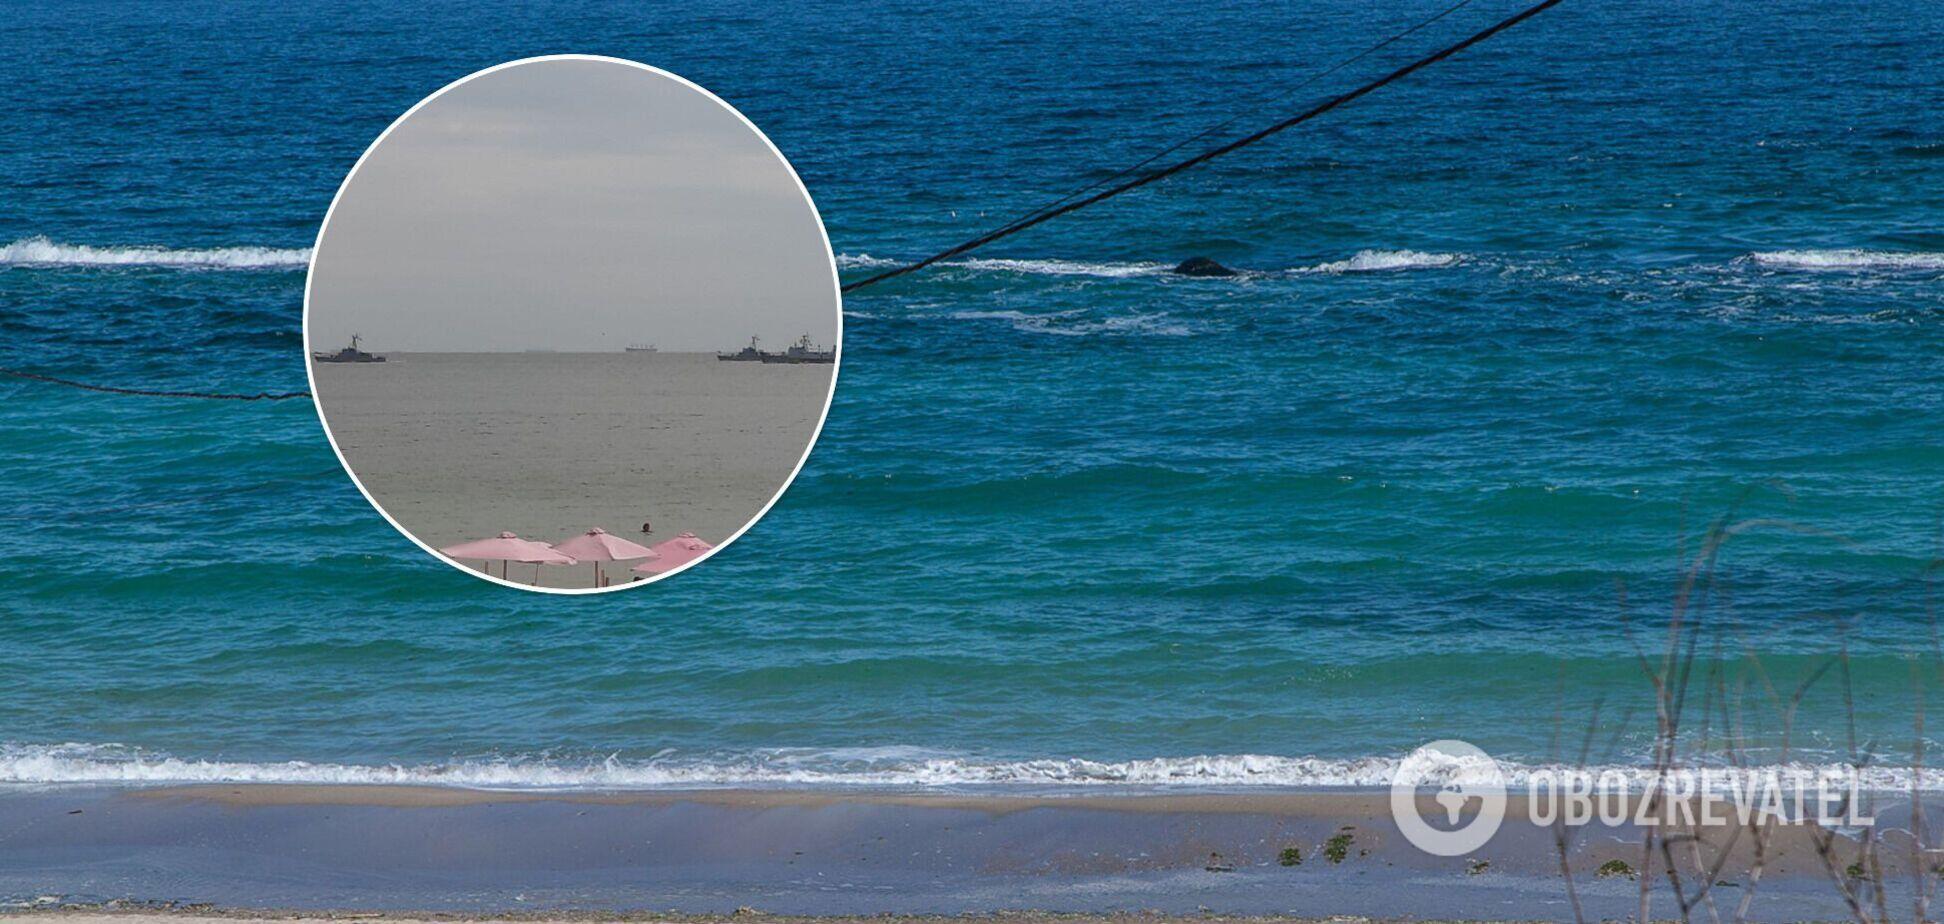 Туристы на одесских пляжах сняли на видео 'парад' военных кораблей